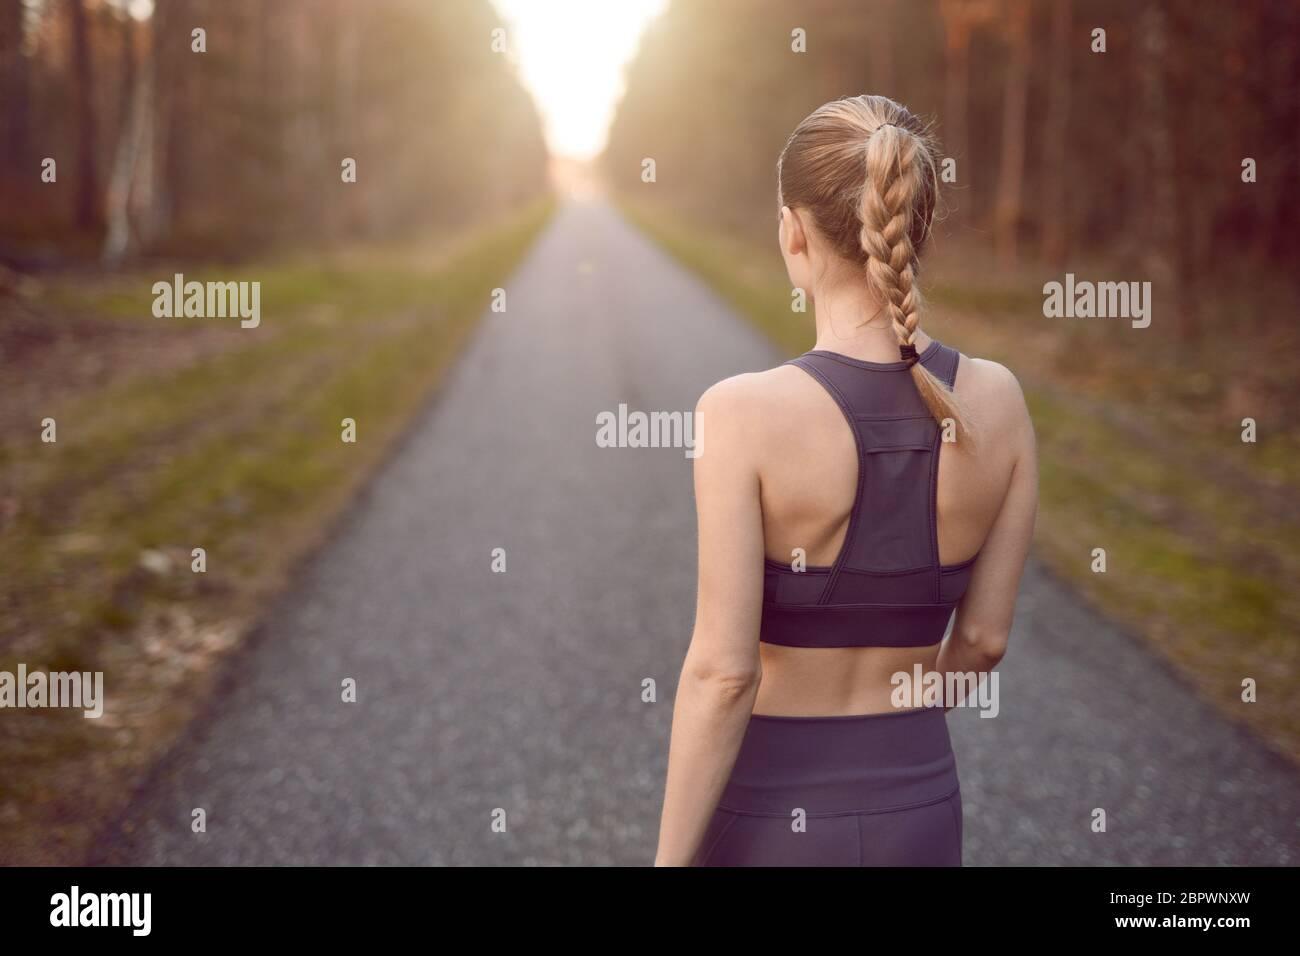 Jeune femme sportive en bonne santé marchant au lever du soleil le long d'une route rurale à travers une forêt dense vers la lueur du soleil à la fin entre les arbres dans un Banque D'Images